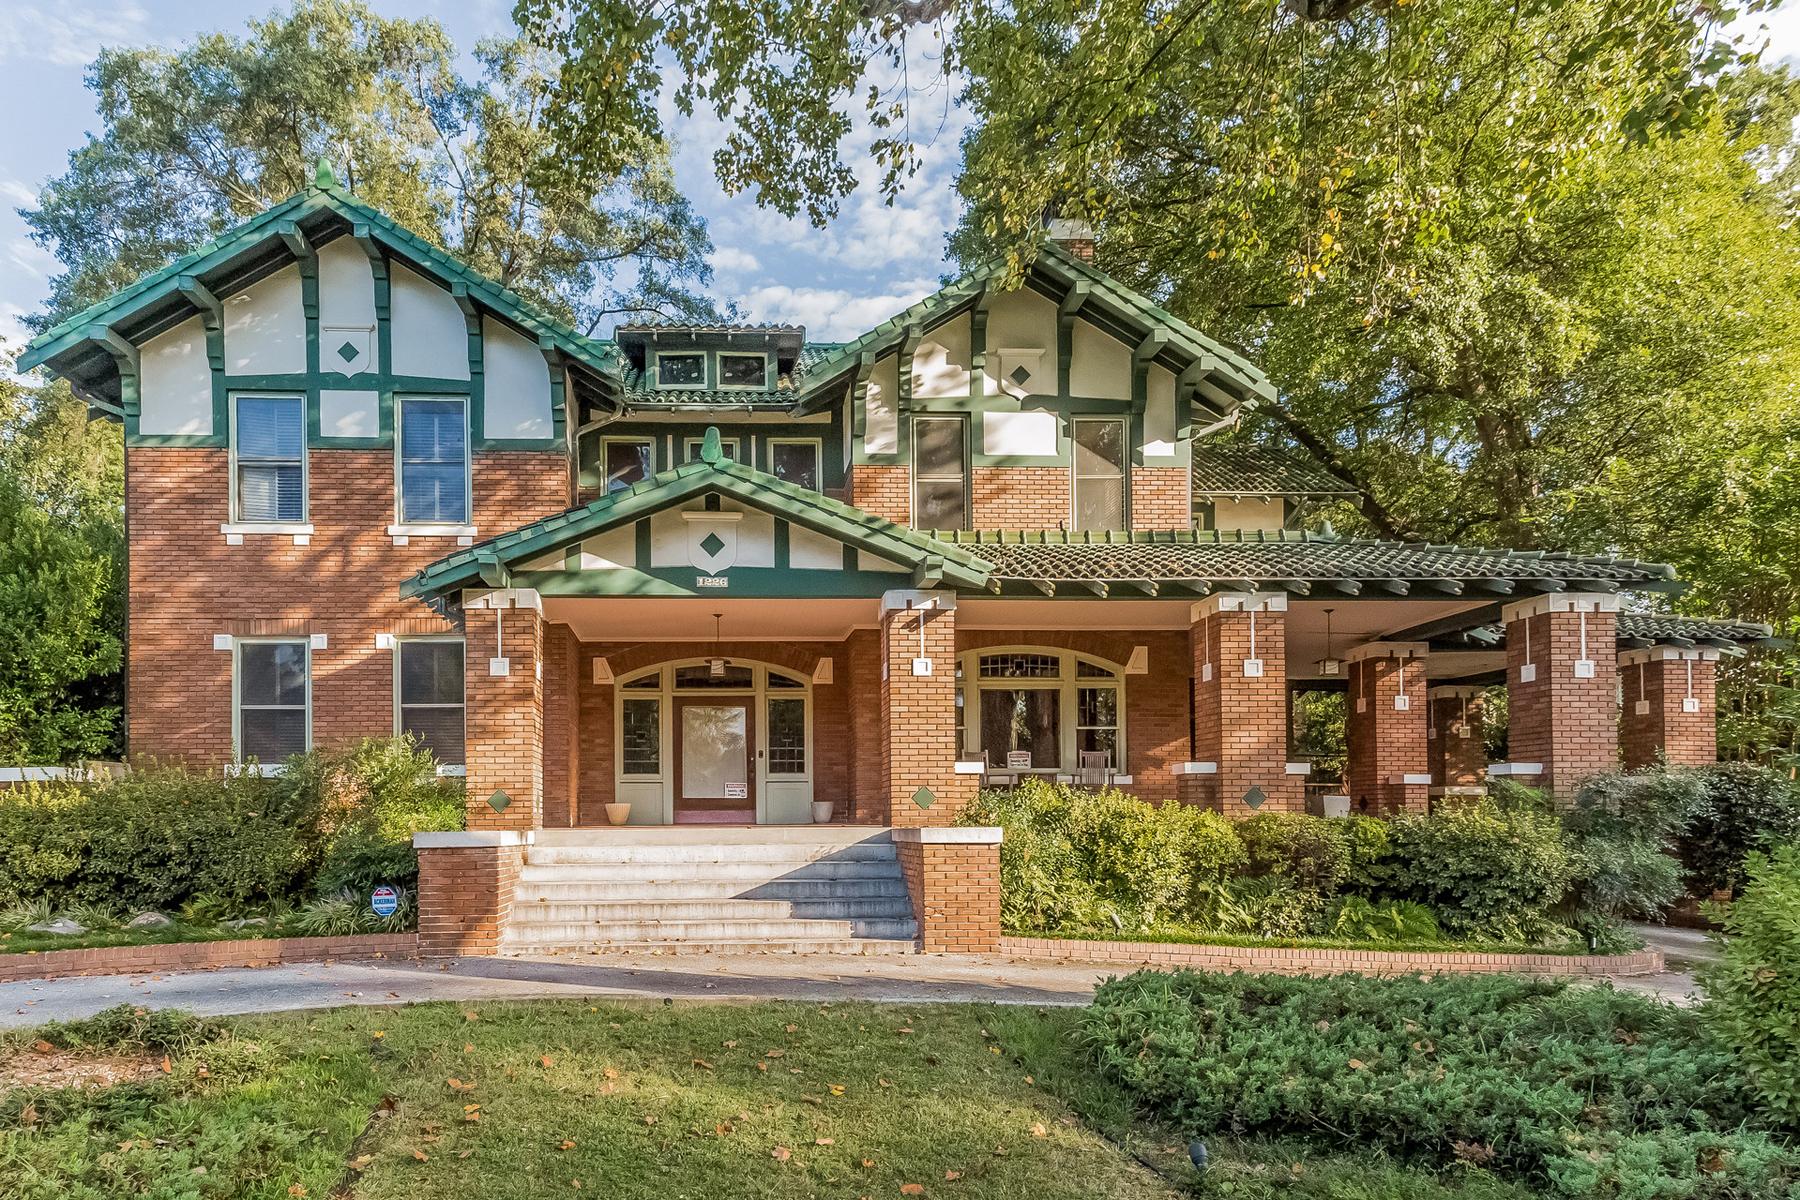 Maison unifamiliale pour l Vente à Historical 1920 Brick Tudor 1226 Ponce De Leon Avenue Atlanta, Georgia 30306 États-Unis